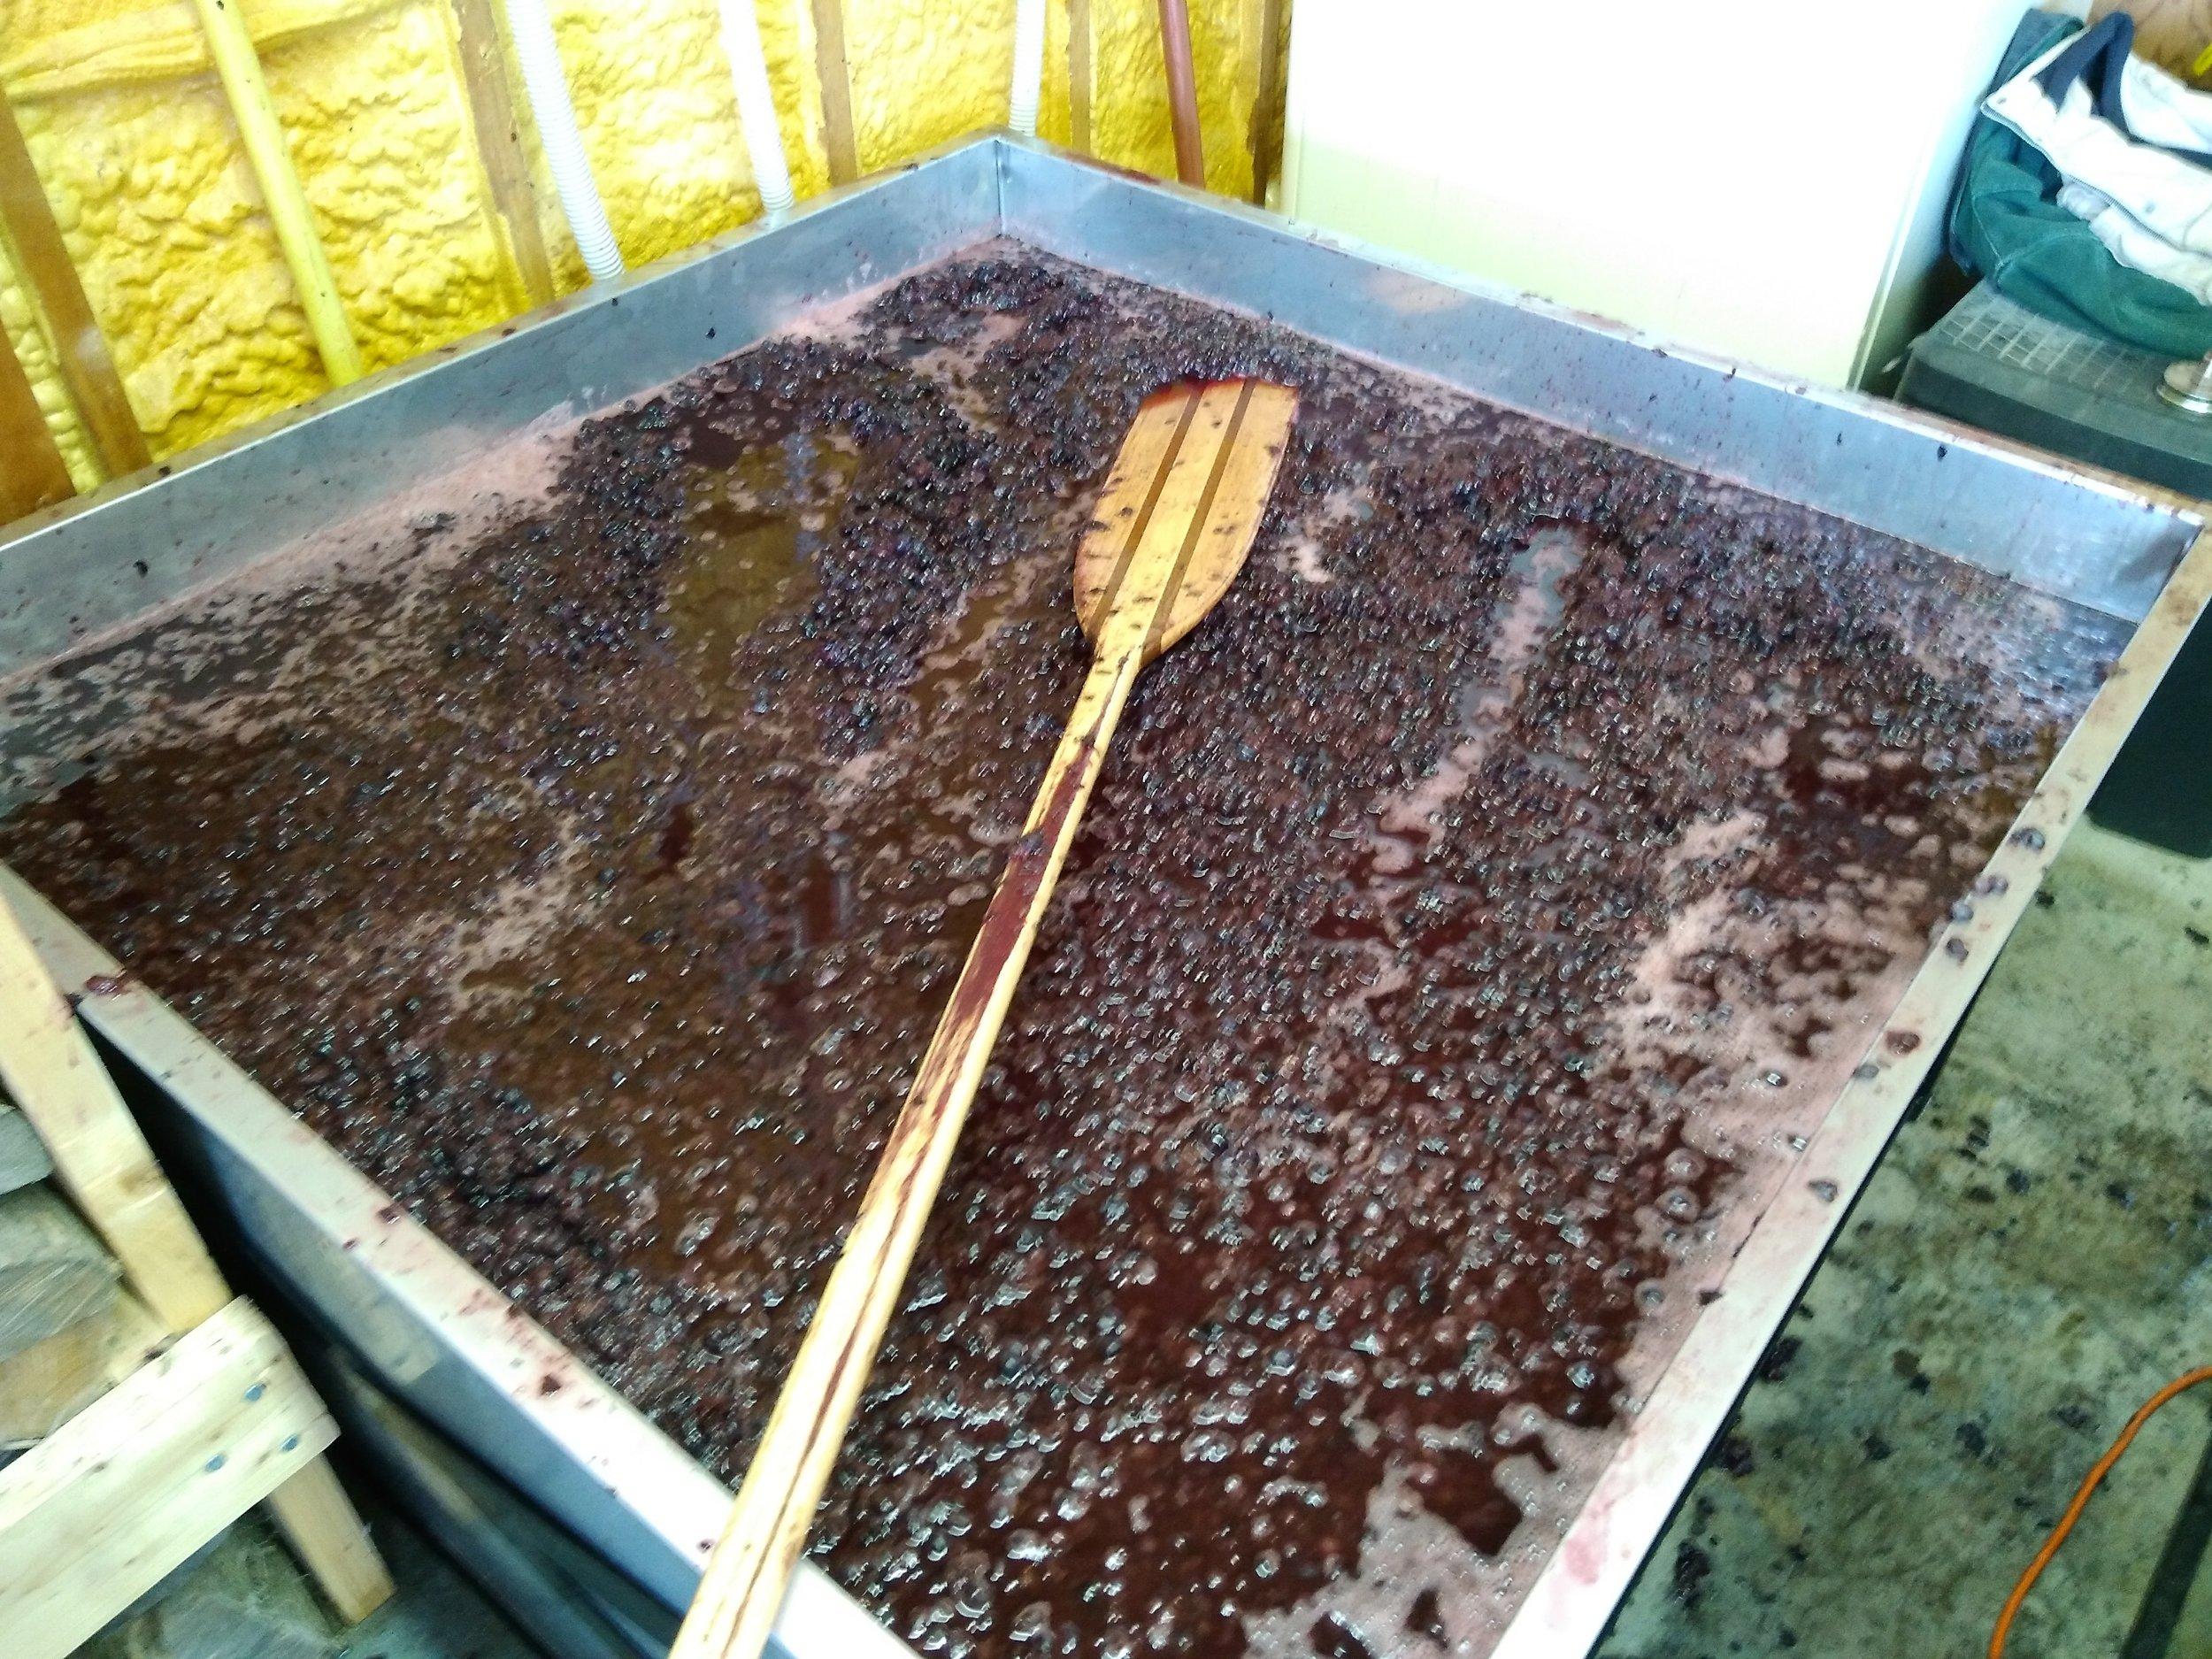 Crushed blueberries in tank2.jpg